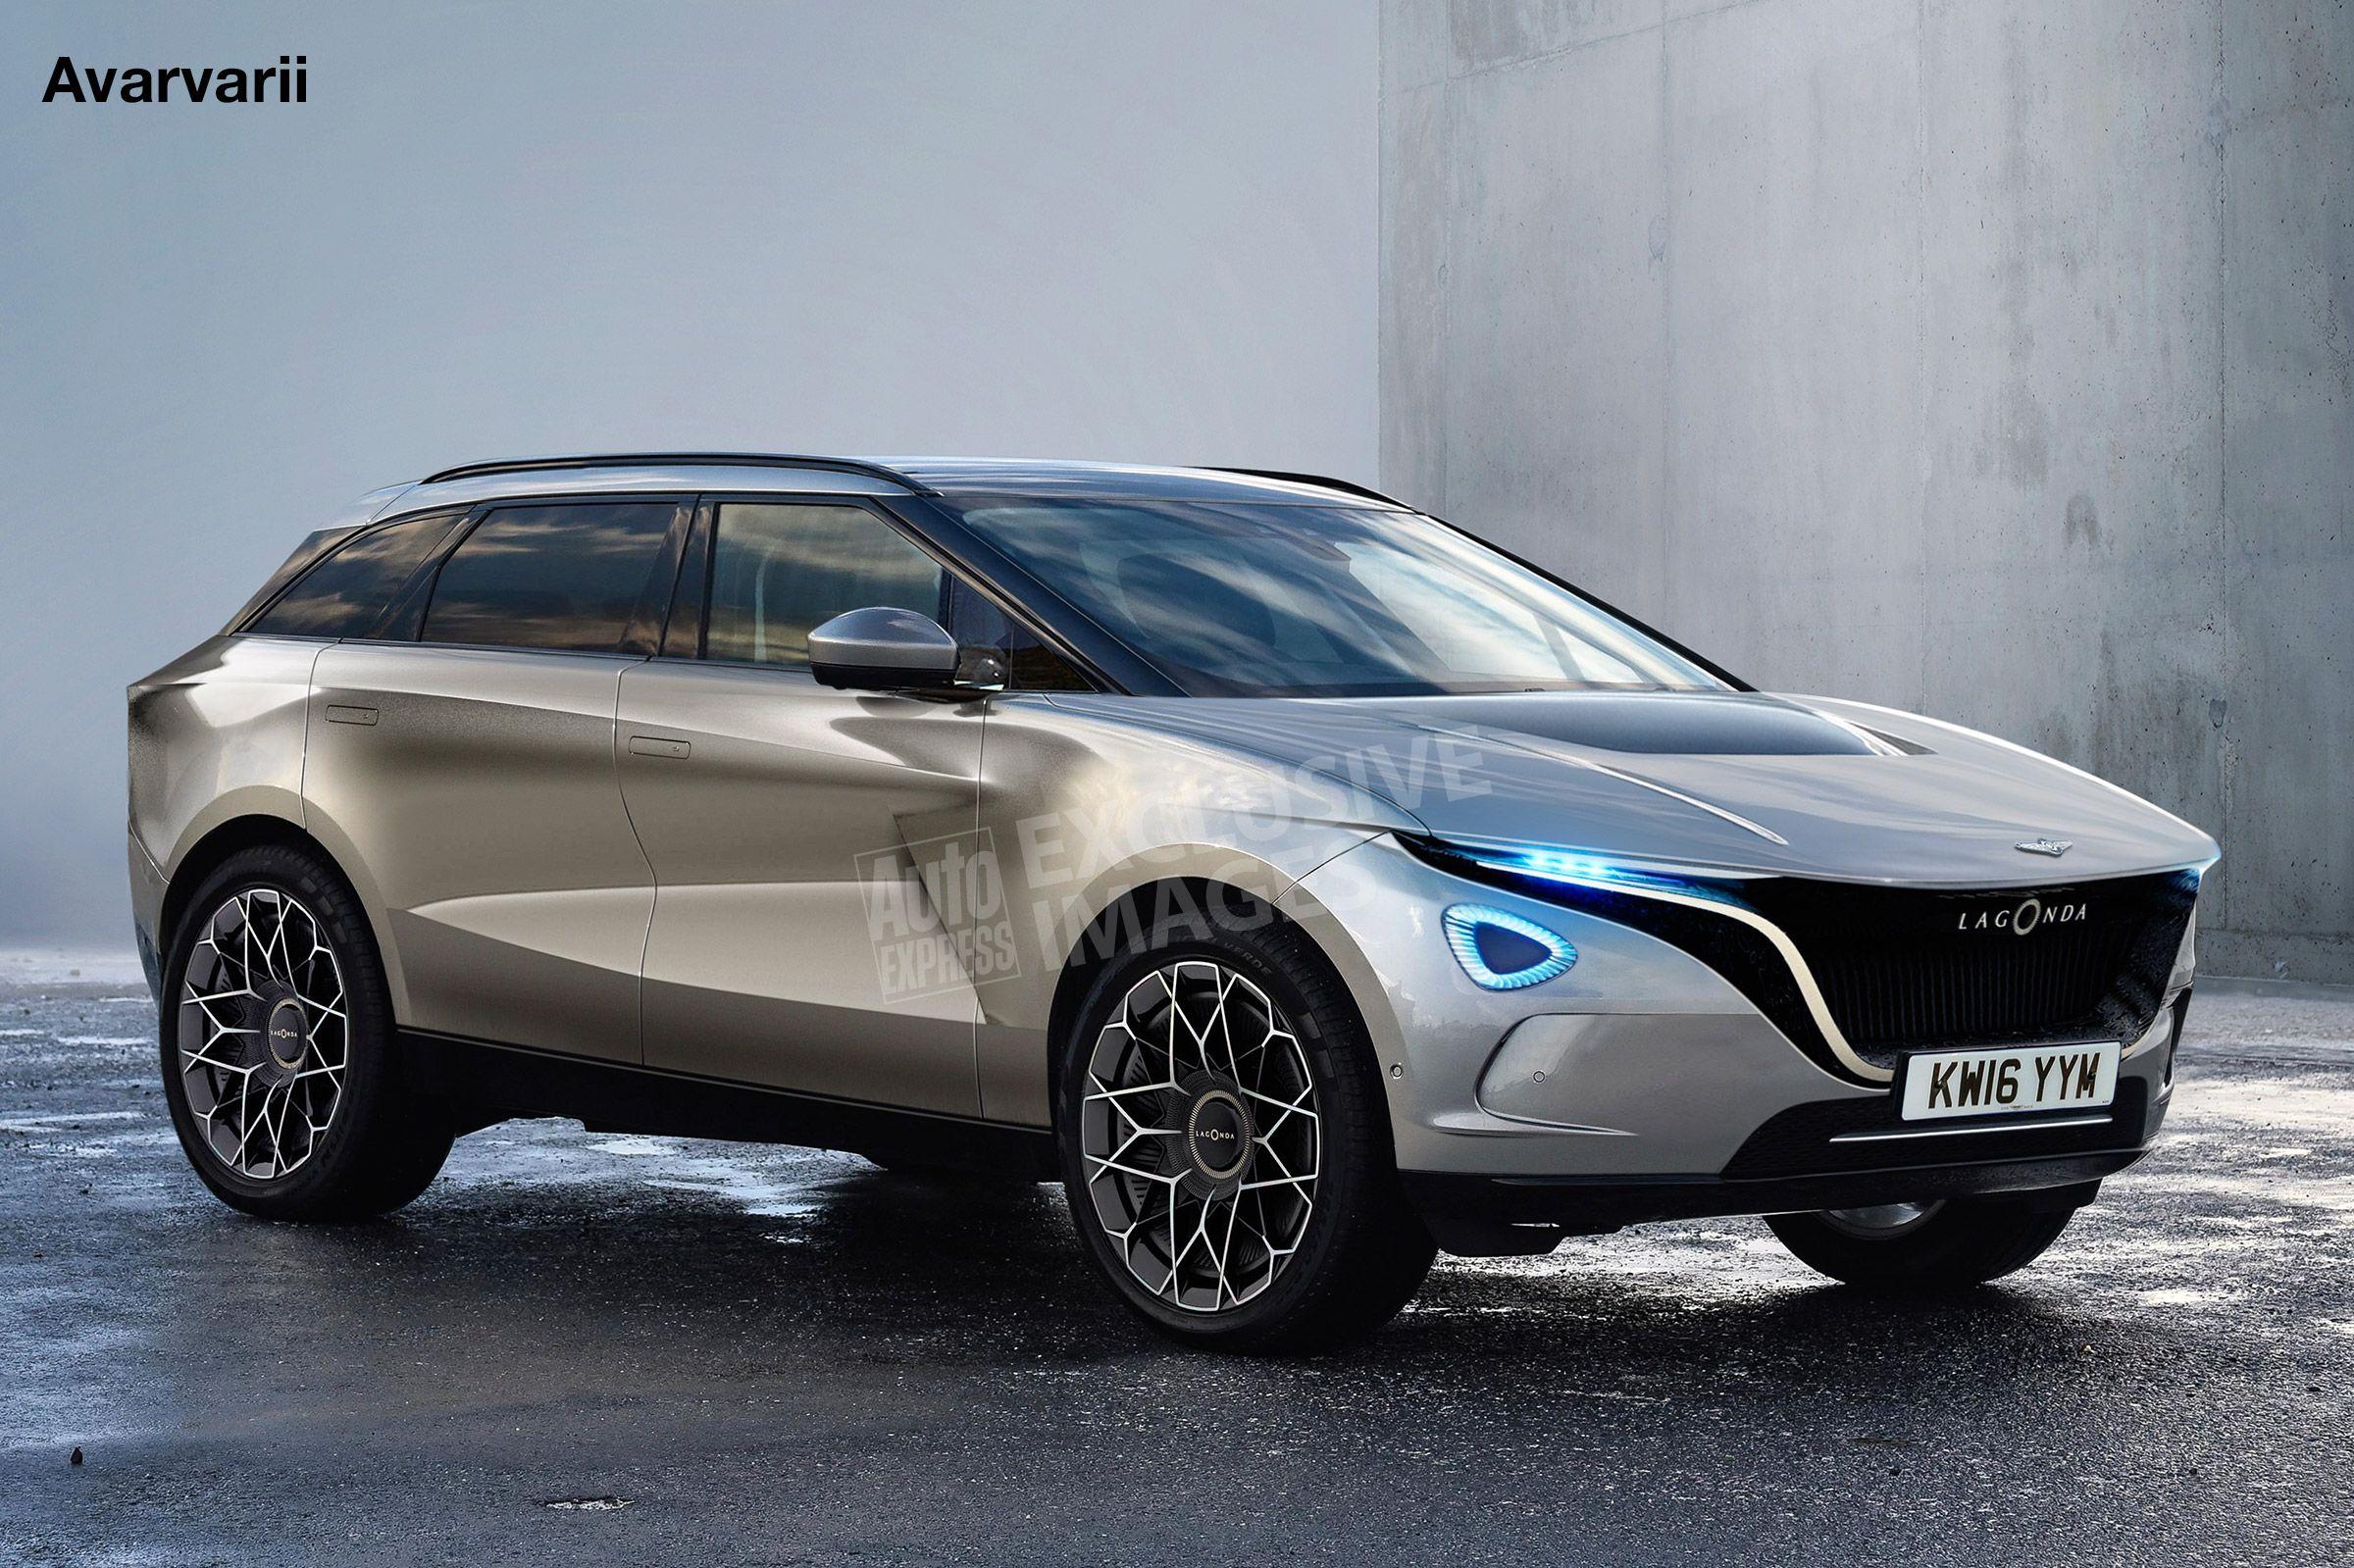 New Lagonda AllTerrain concept previews 2022 luxury SUV